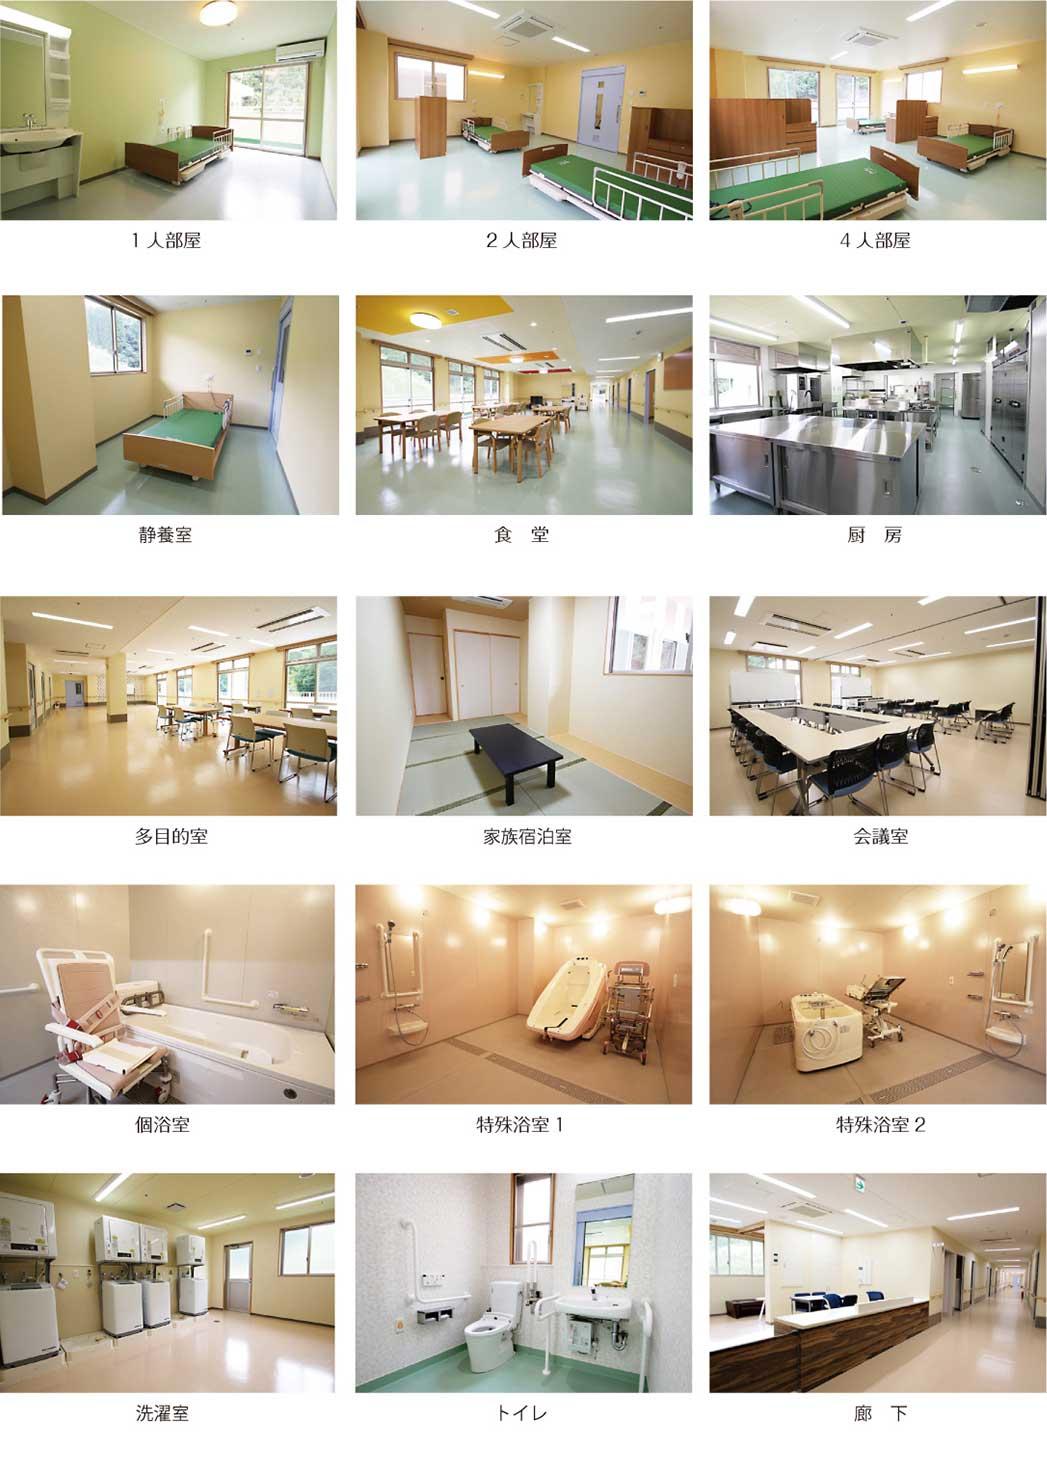 ほしの郷・長南 施設の写真